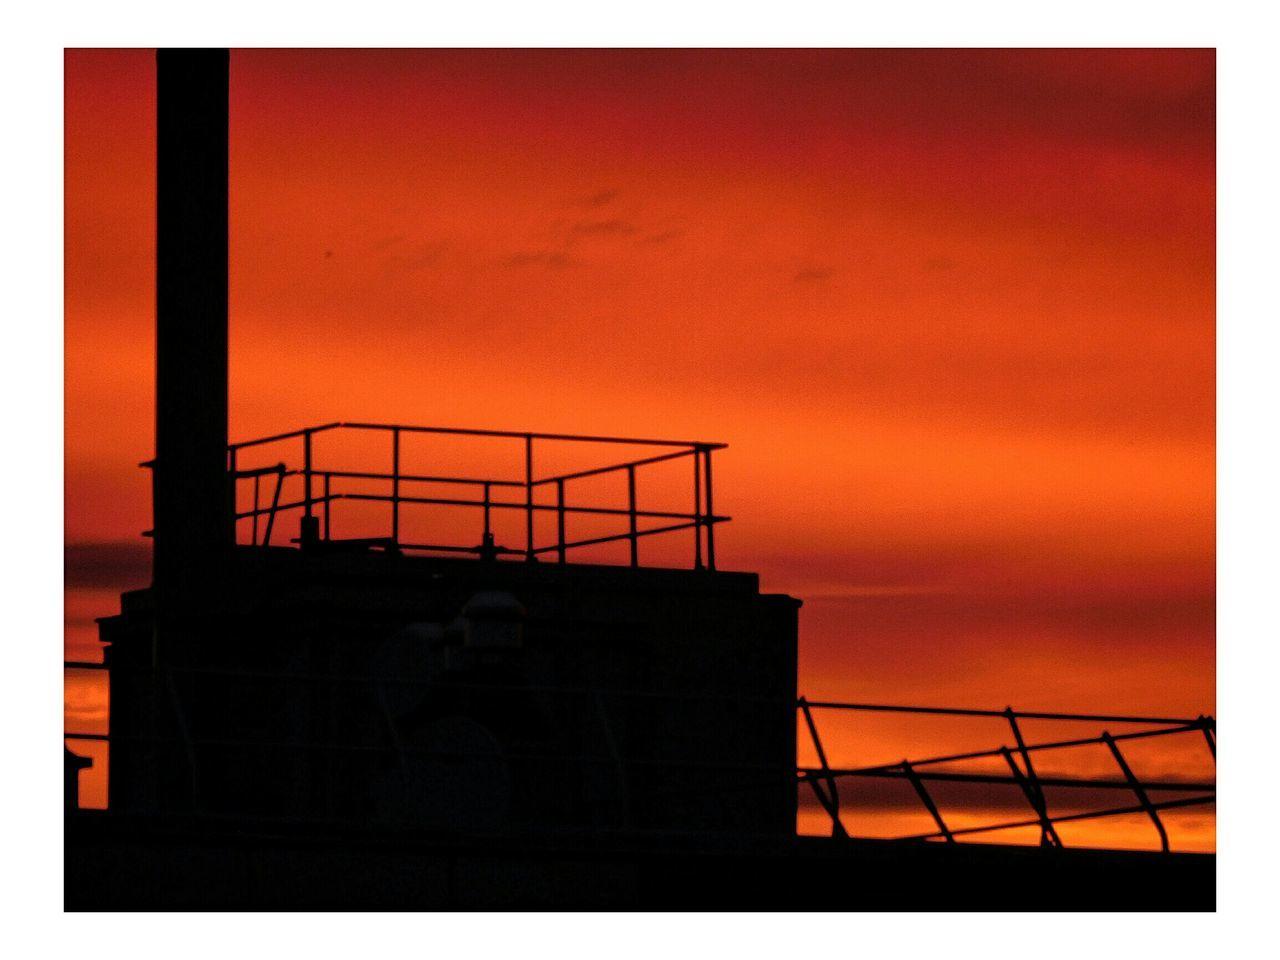 Belvedere Şūr Le Soleil Architecture Silhouette Coucher De Soleil ❤️ Sunset Building Exterior No People Sky Fire Mois De Juin Coucher Du Feu De Dieu